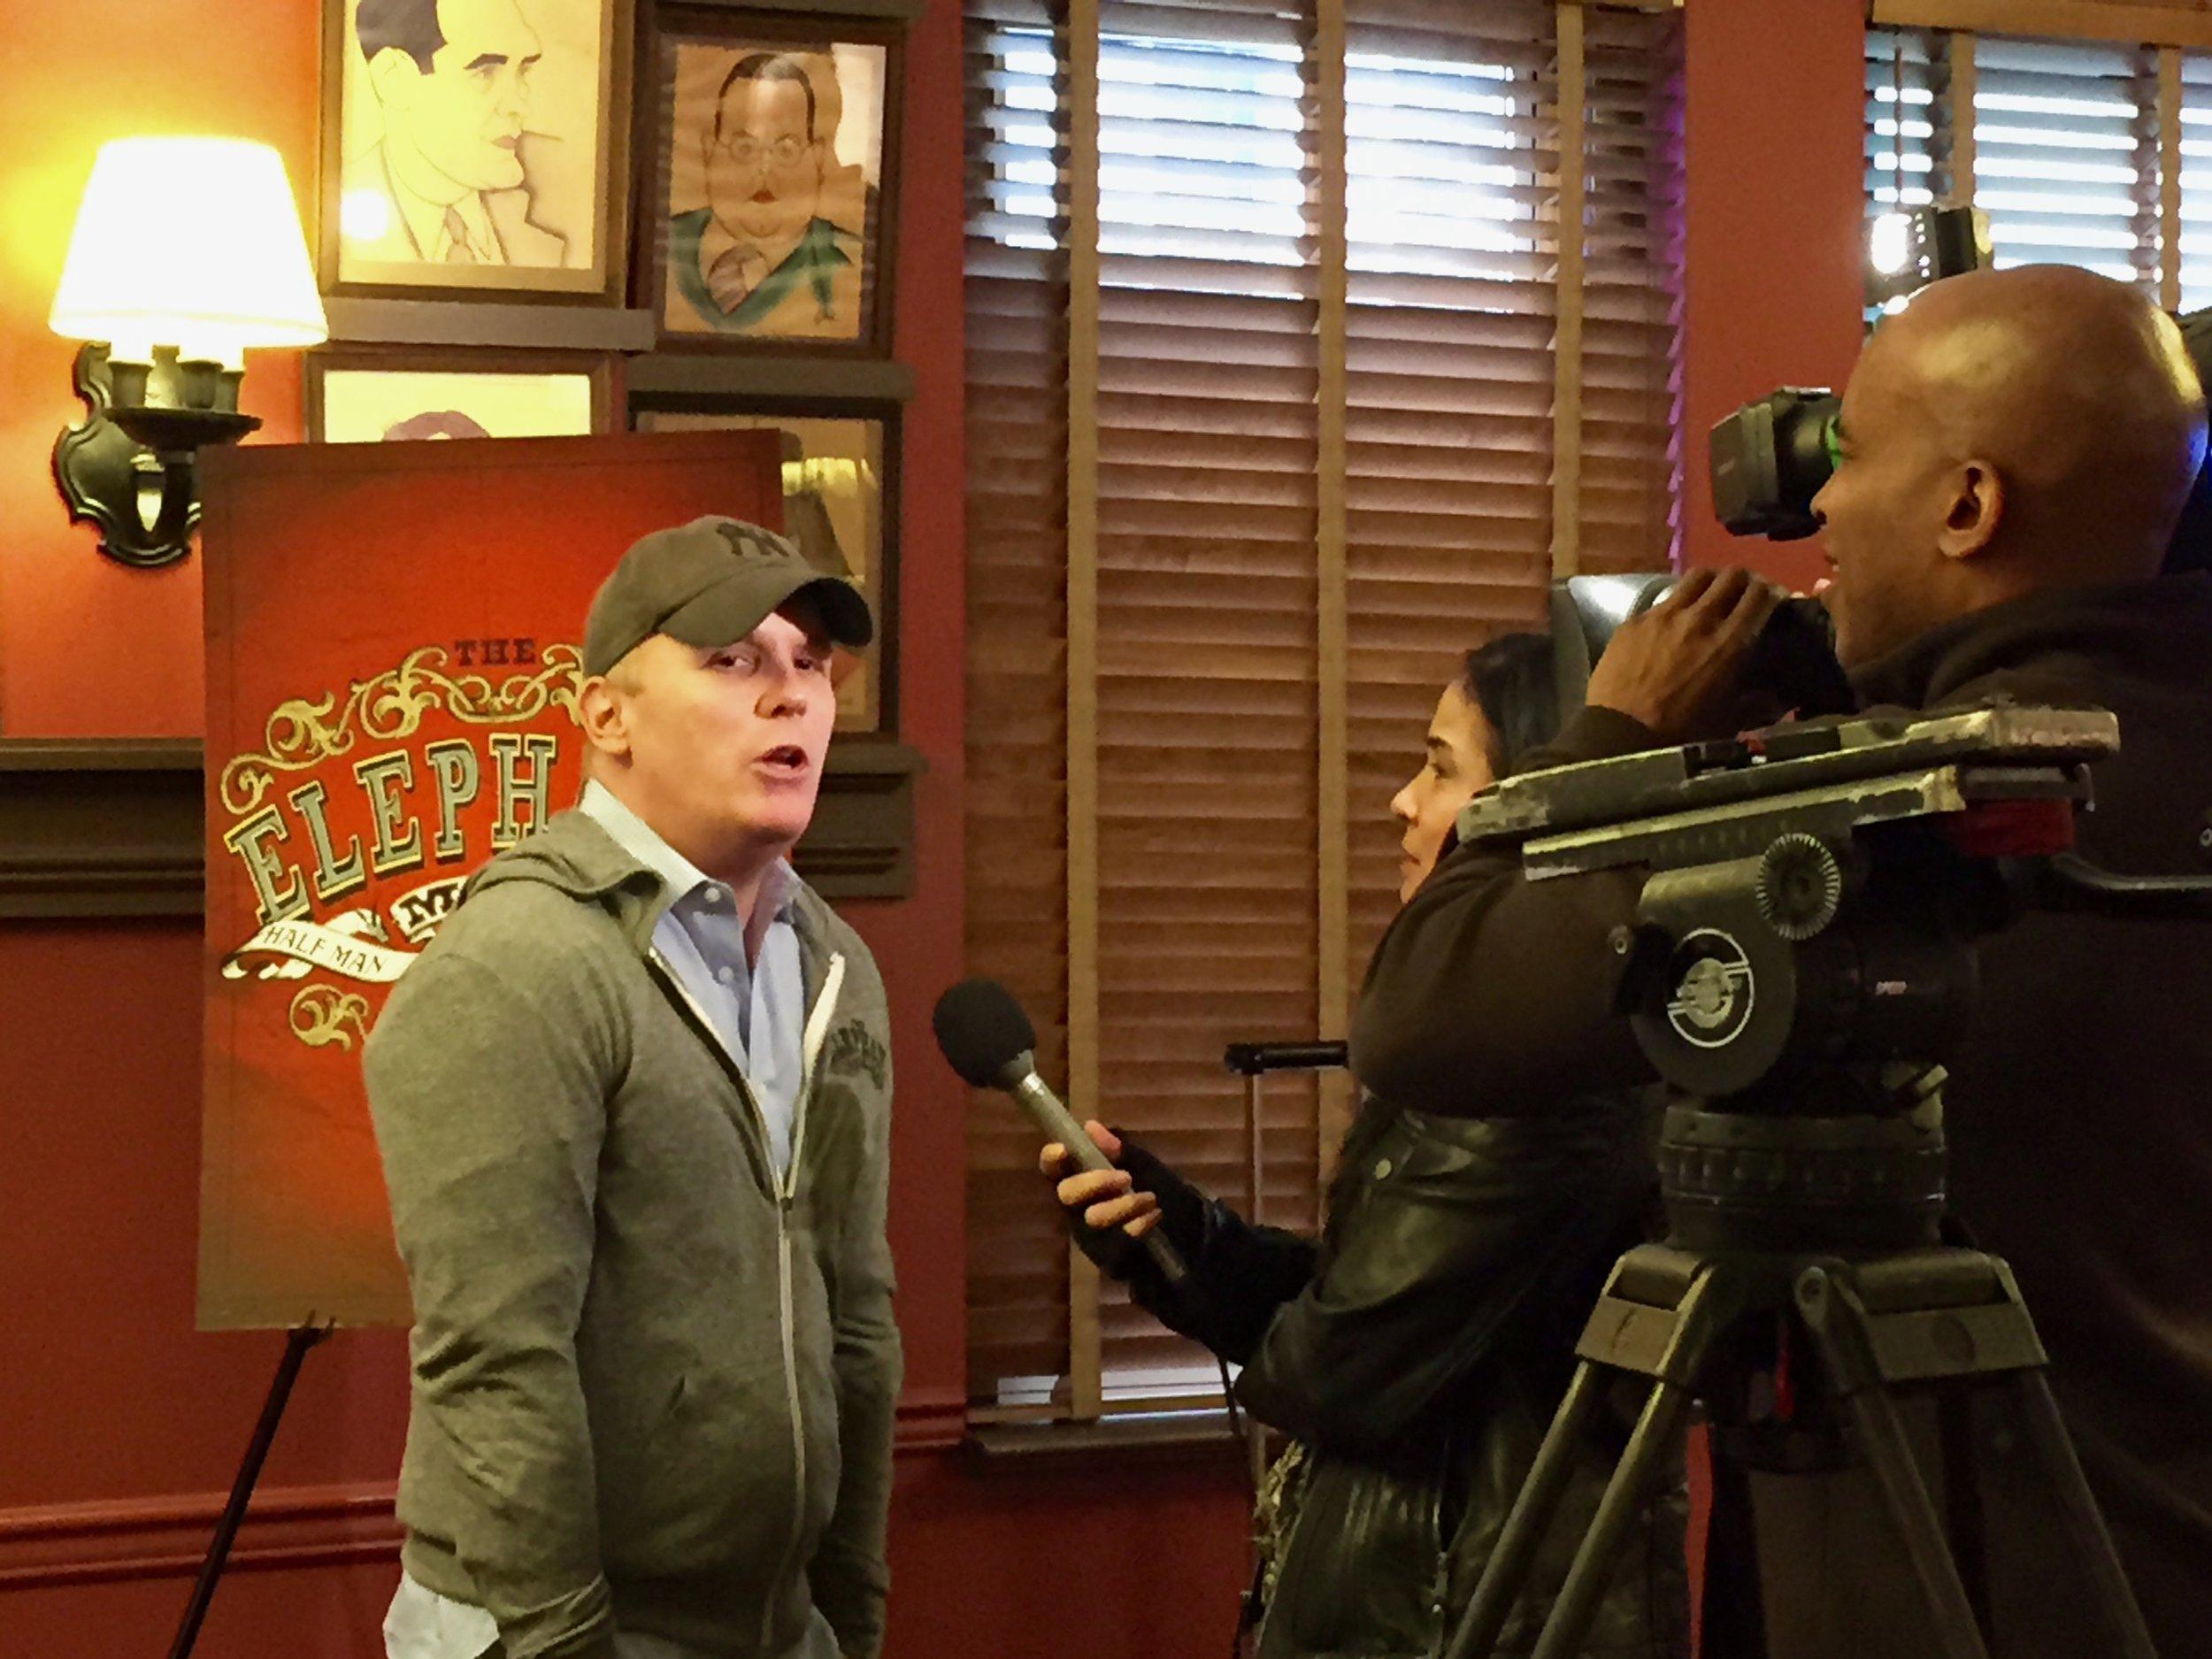 Director Scott Ellis at Sardi's Press event (photo by Scott Lowell)